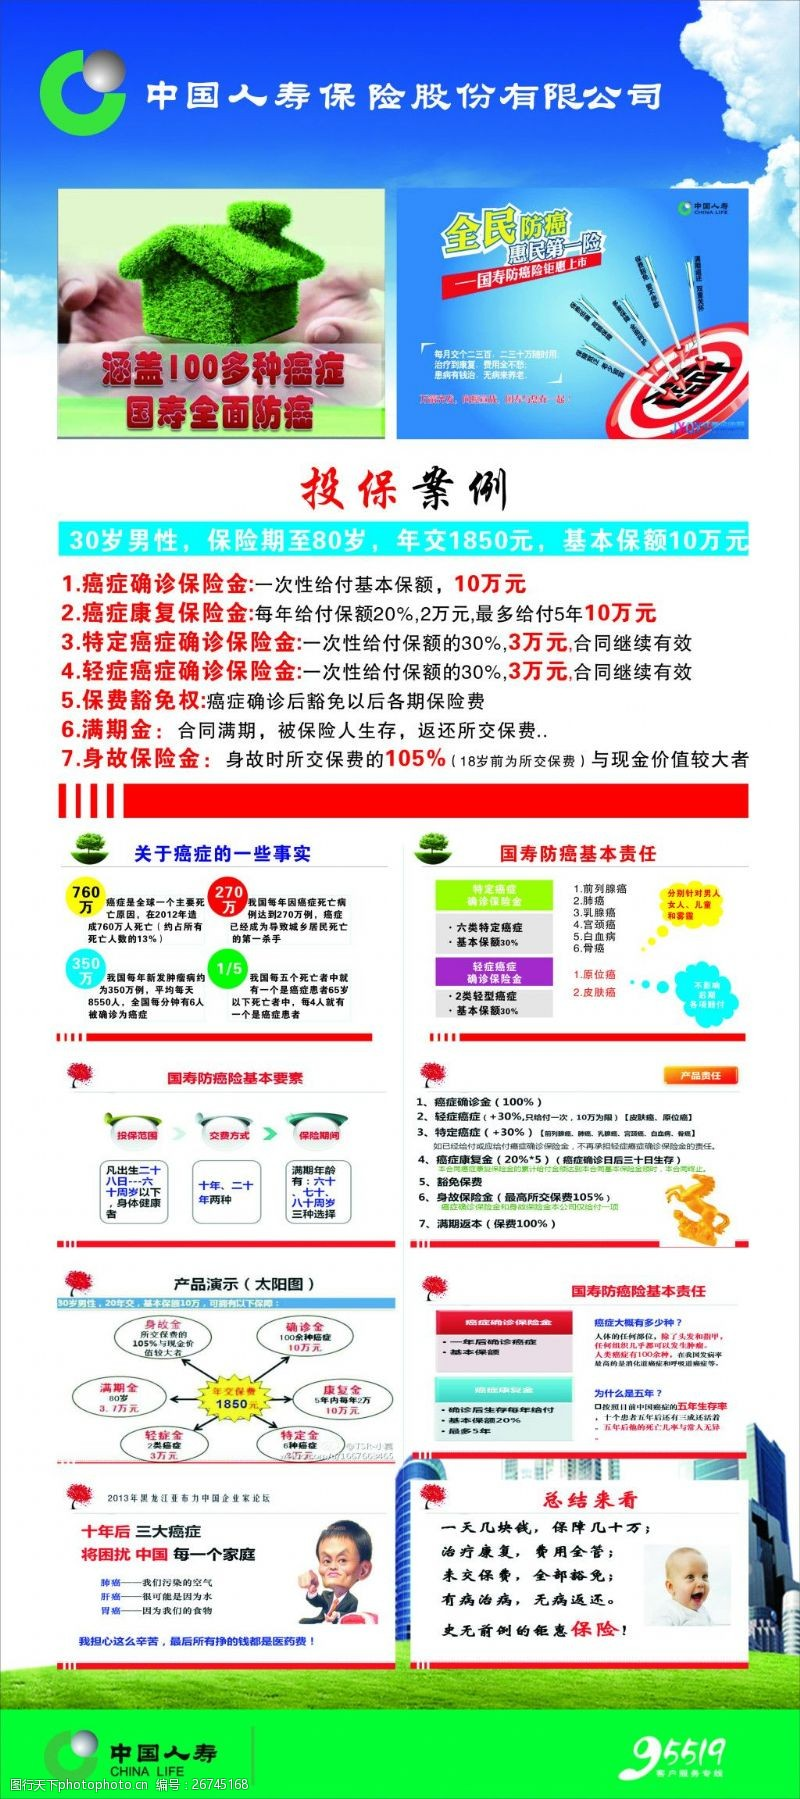 人寿保险展架中国人寿展架中国人寿保险展架